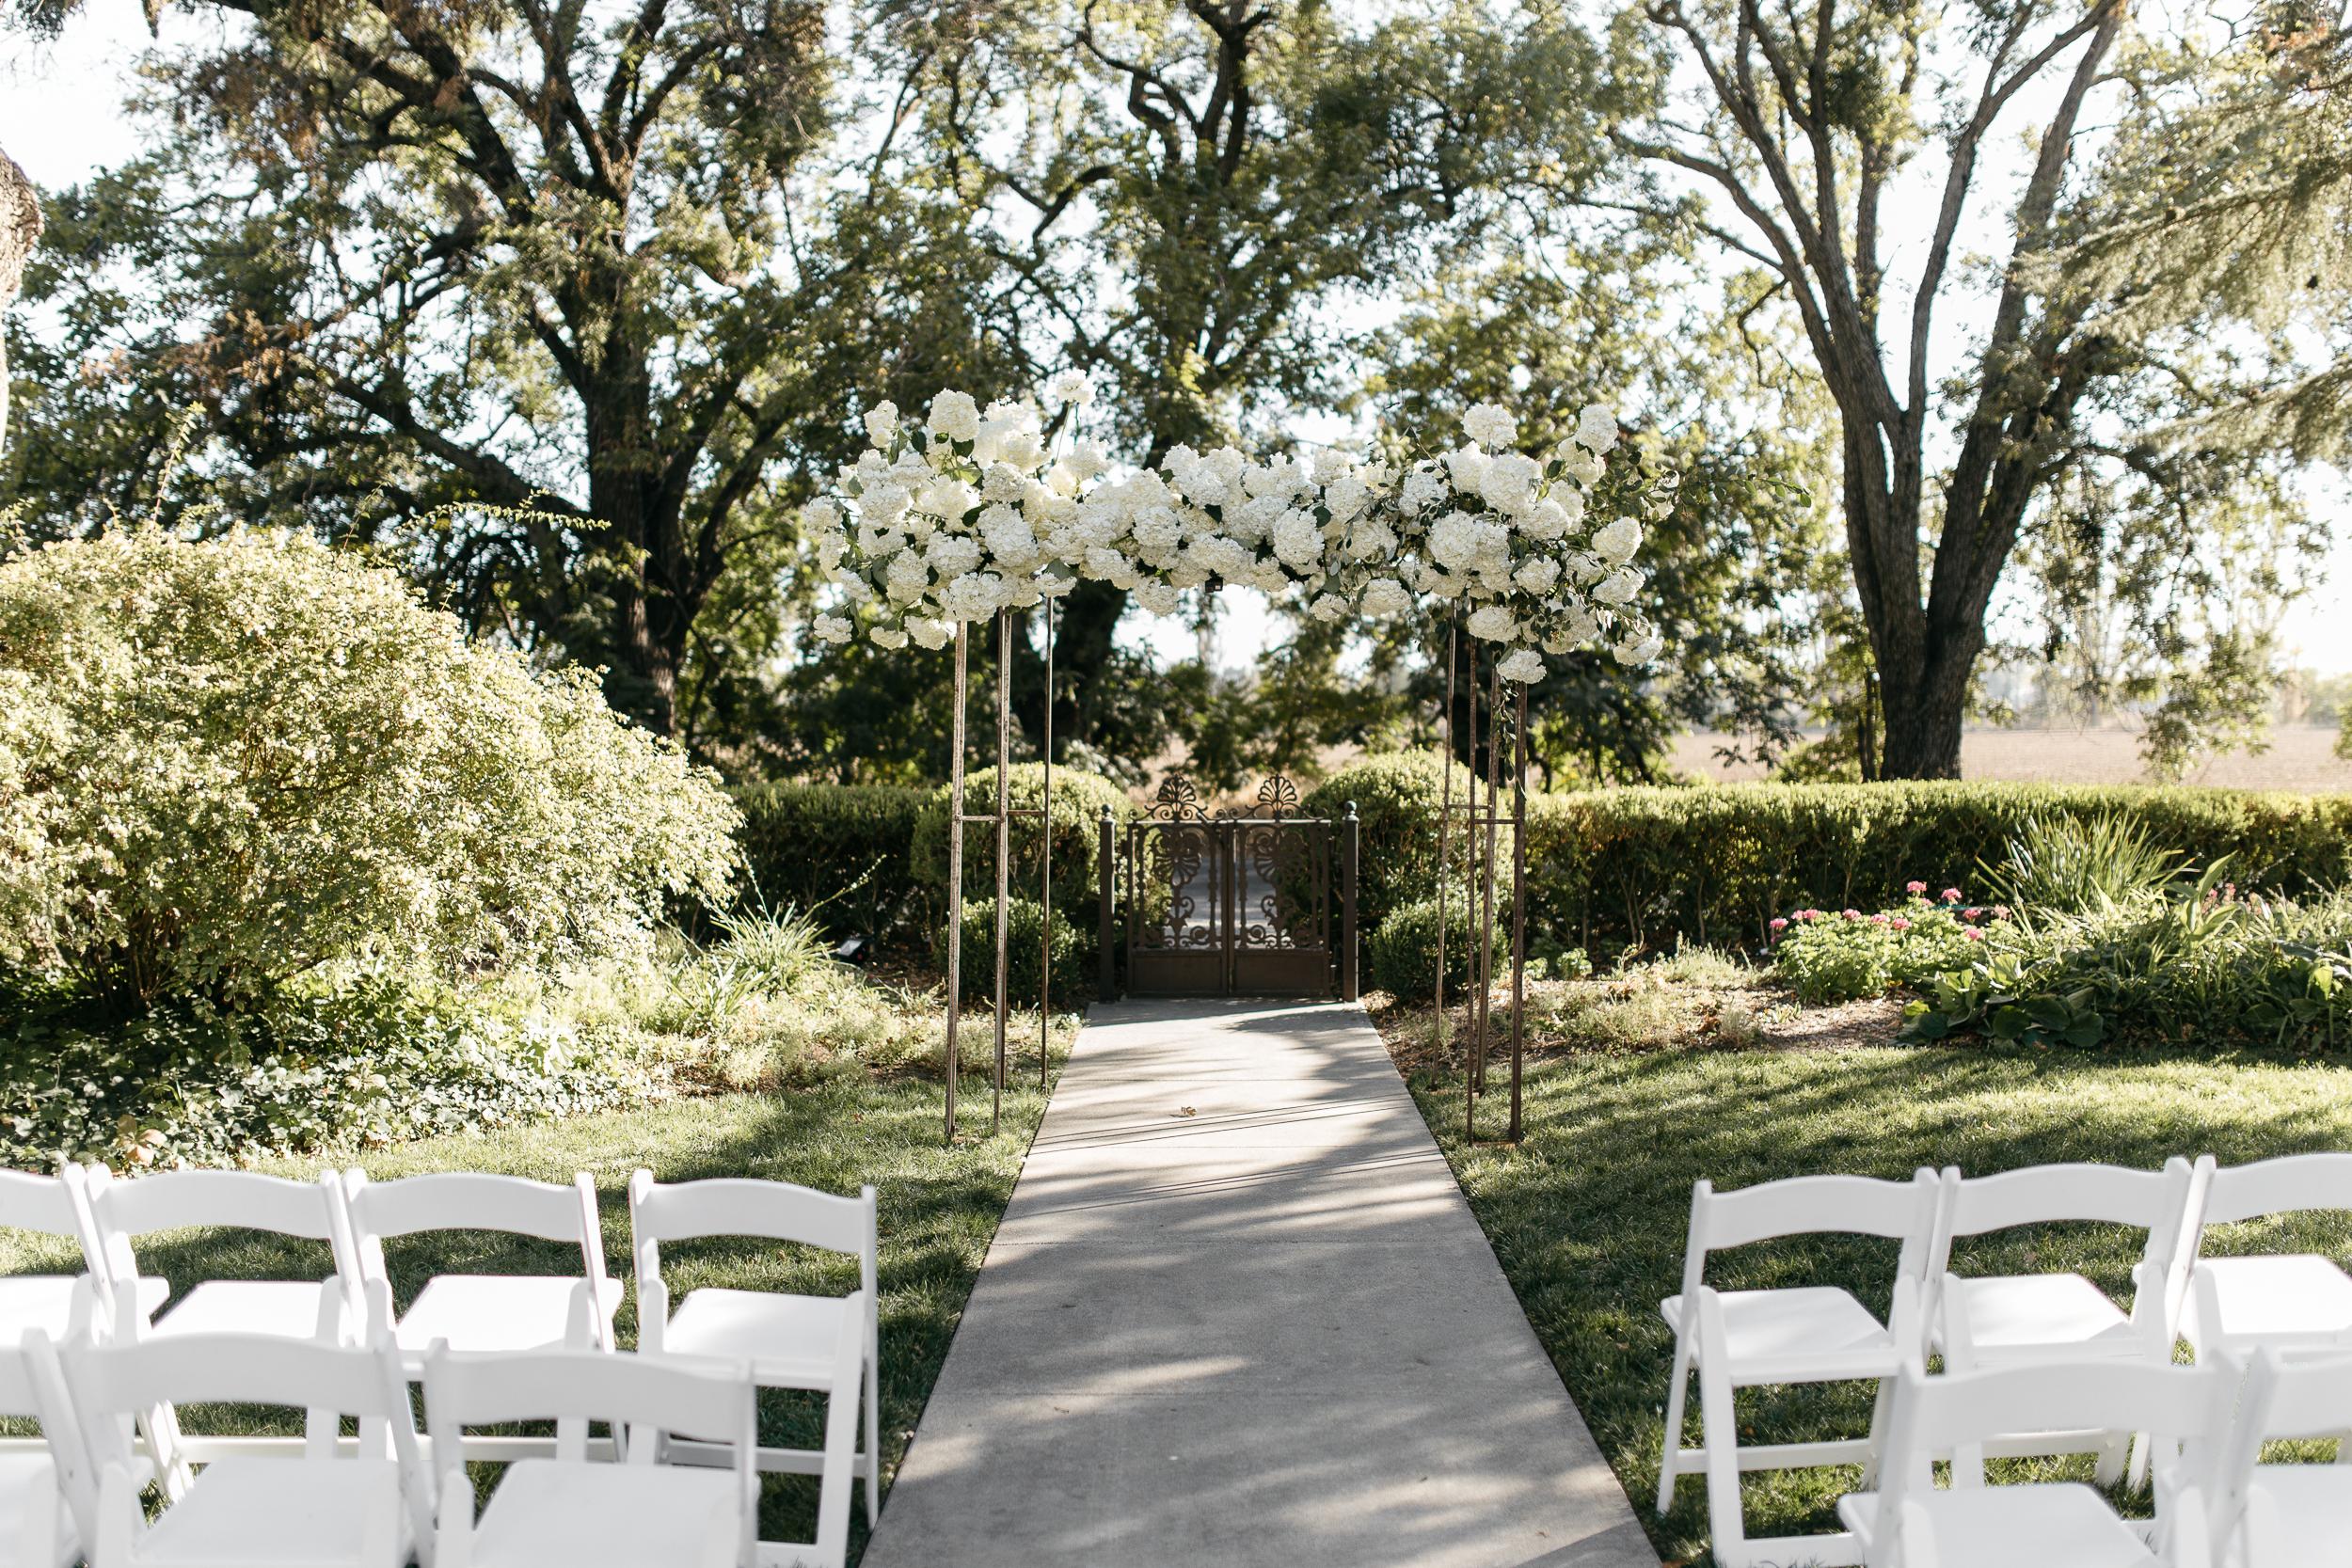 Lauren_Graham_Park_Winters_California_Wedding_JeanLaurentGaudy_291.jpg